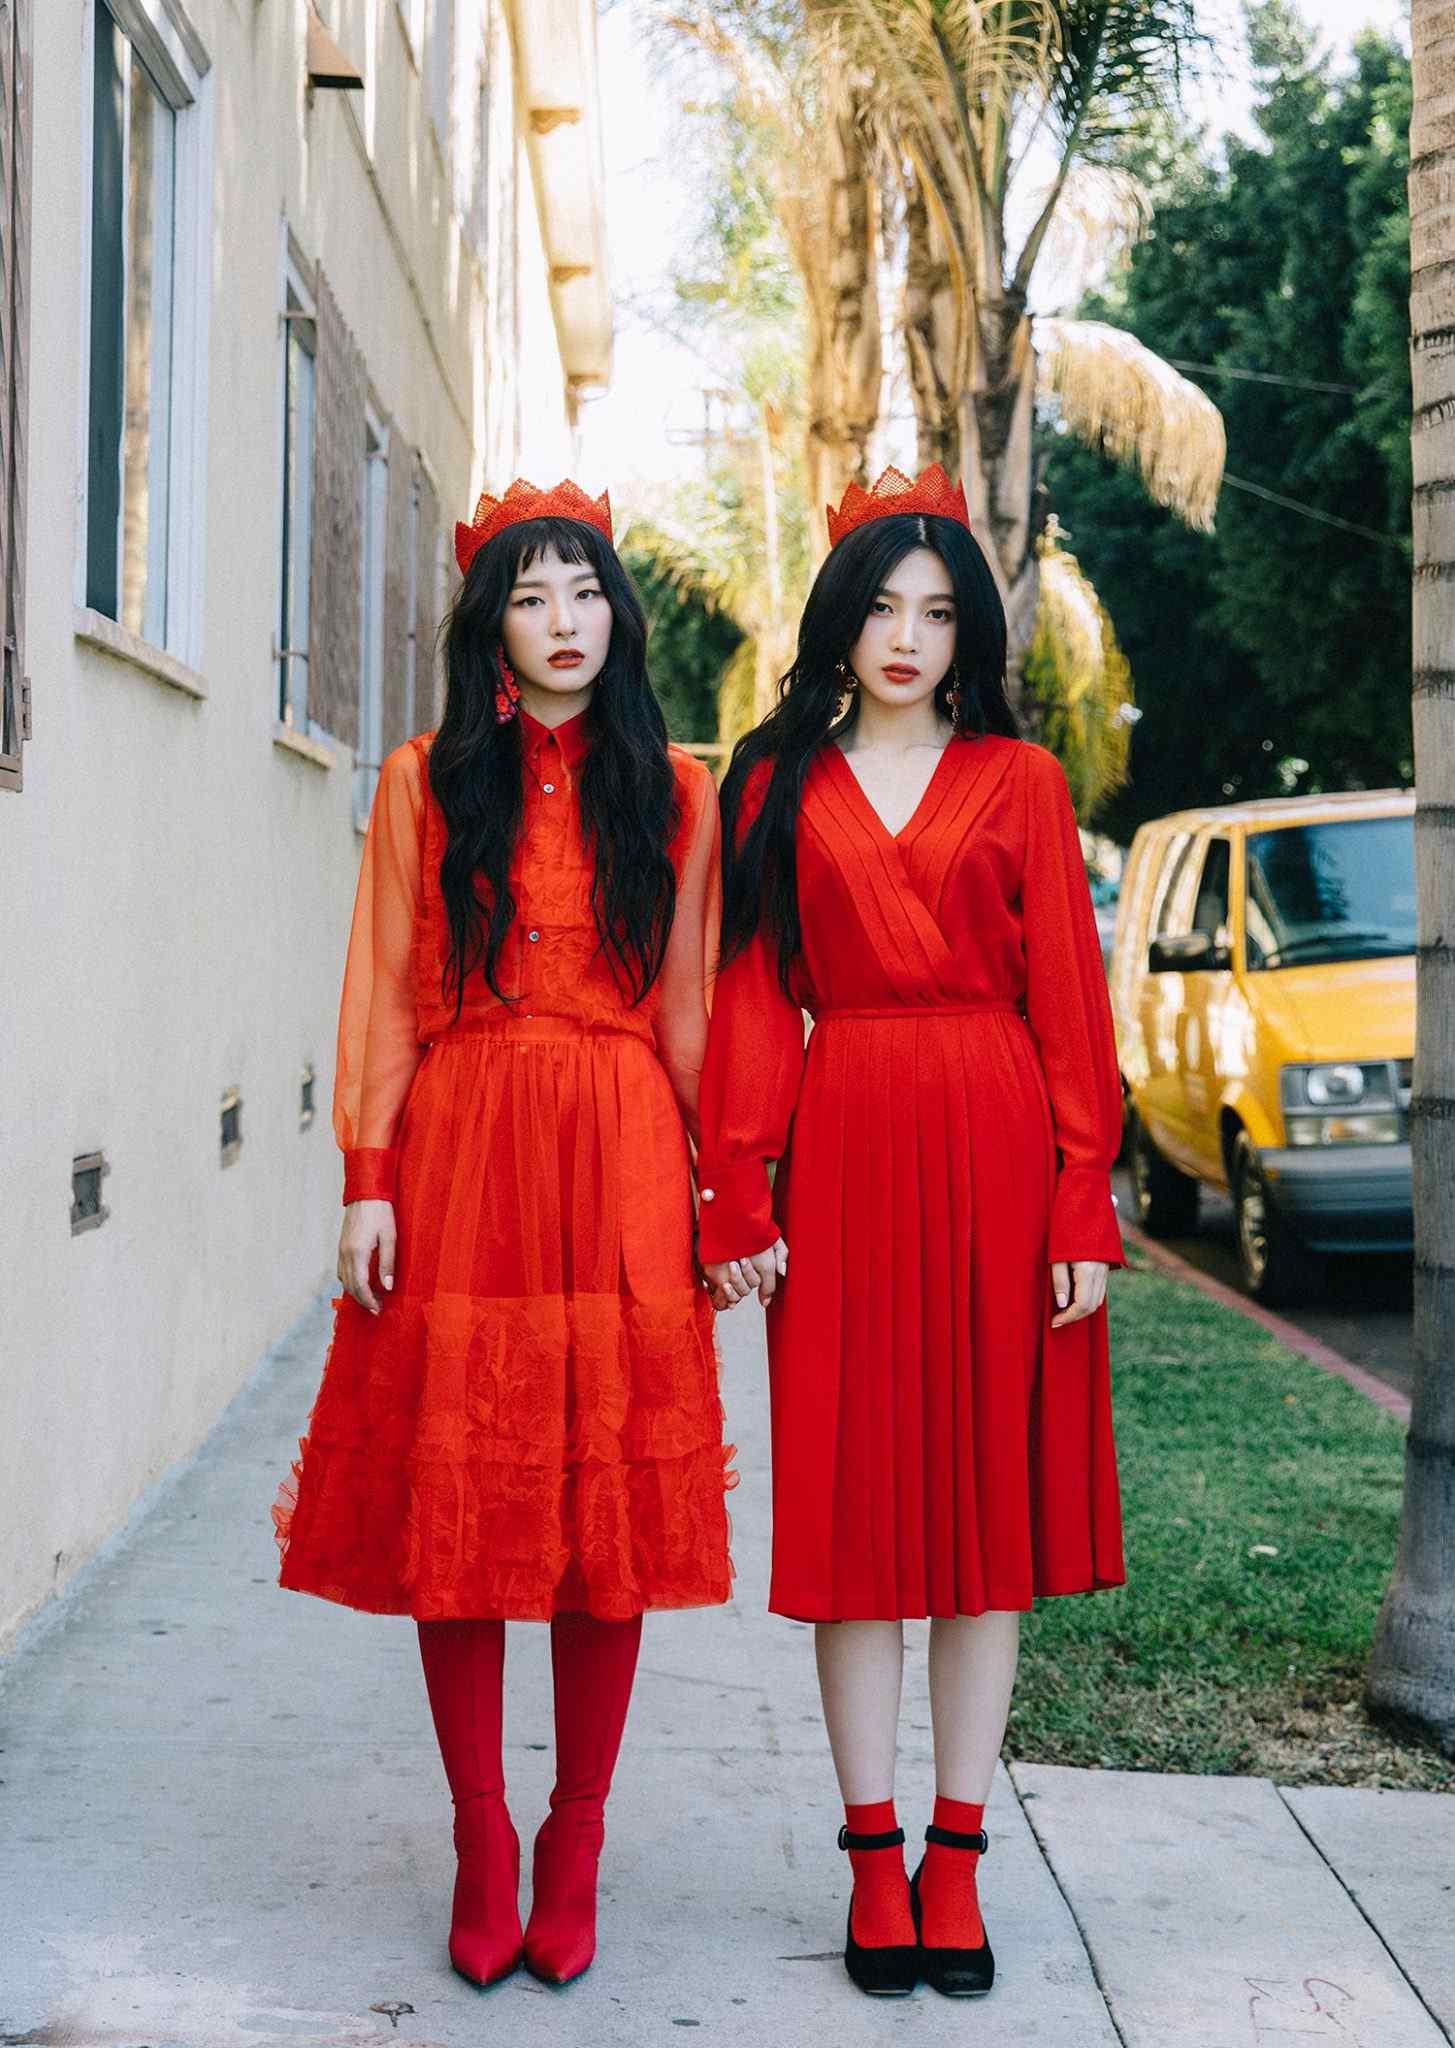 不僅鋪梗貫穿一整年的時間,就連這次新專輯的造型感覺也「藏很深」,目前公布的預告照中瑟琪跟Joy頭上都戴著紅色王冠